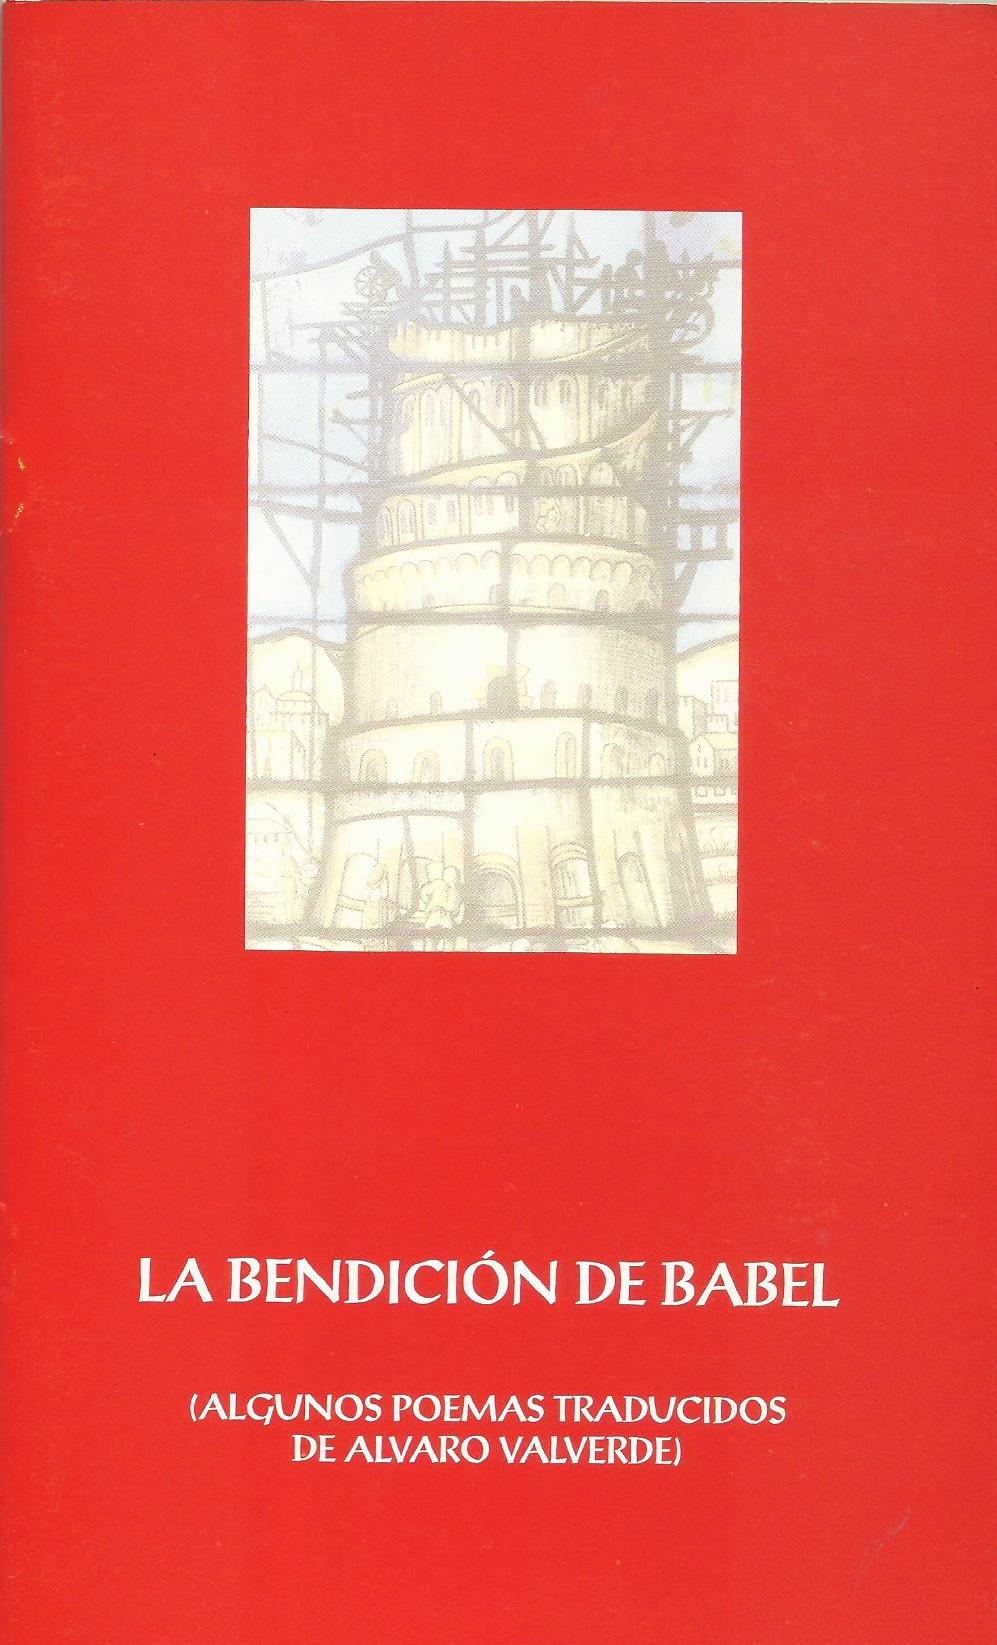 La bendición de Babel